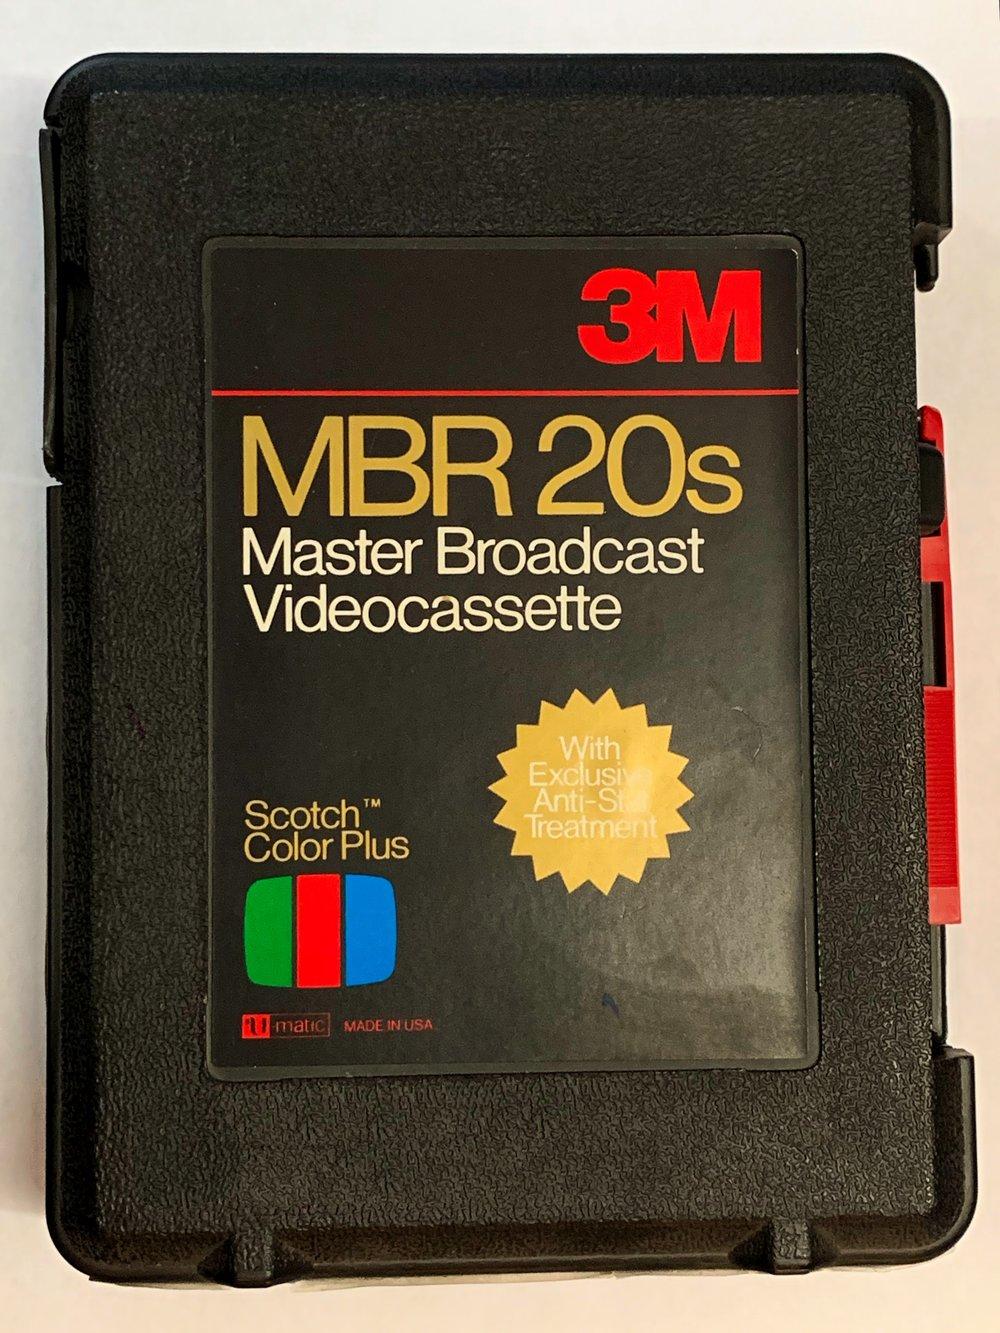 3M MBR20s